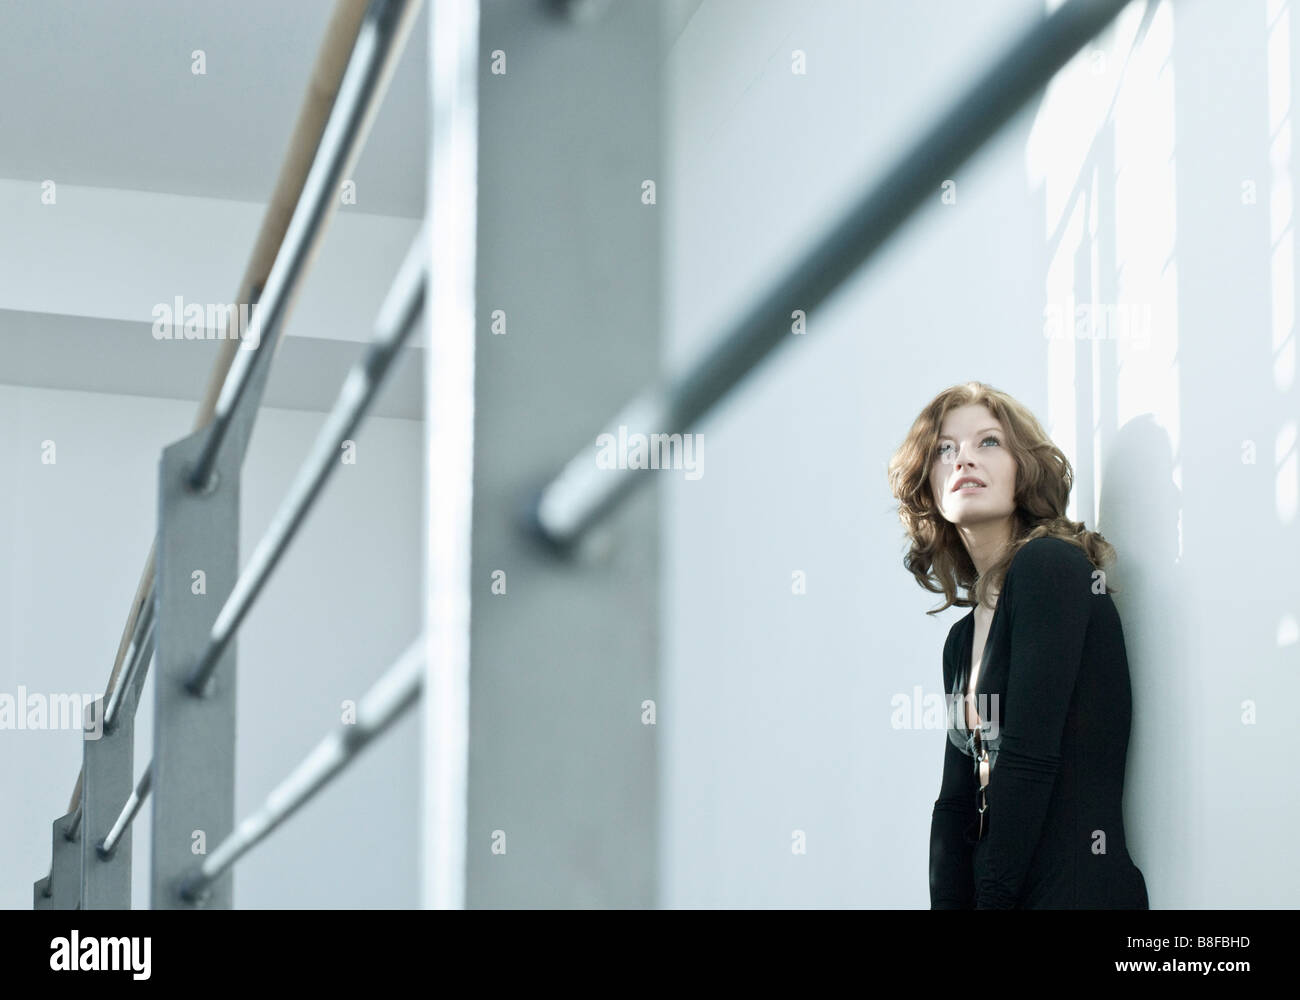 Mujer joven recostada contra la pared mientras mira hacia arriba Imagen De Stock